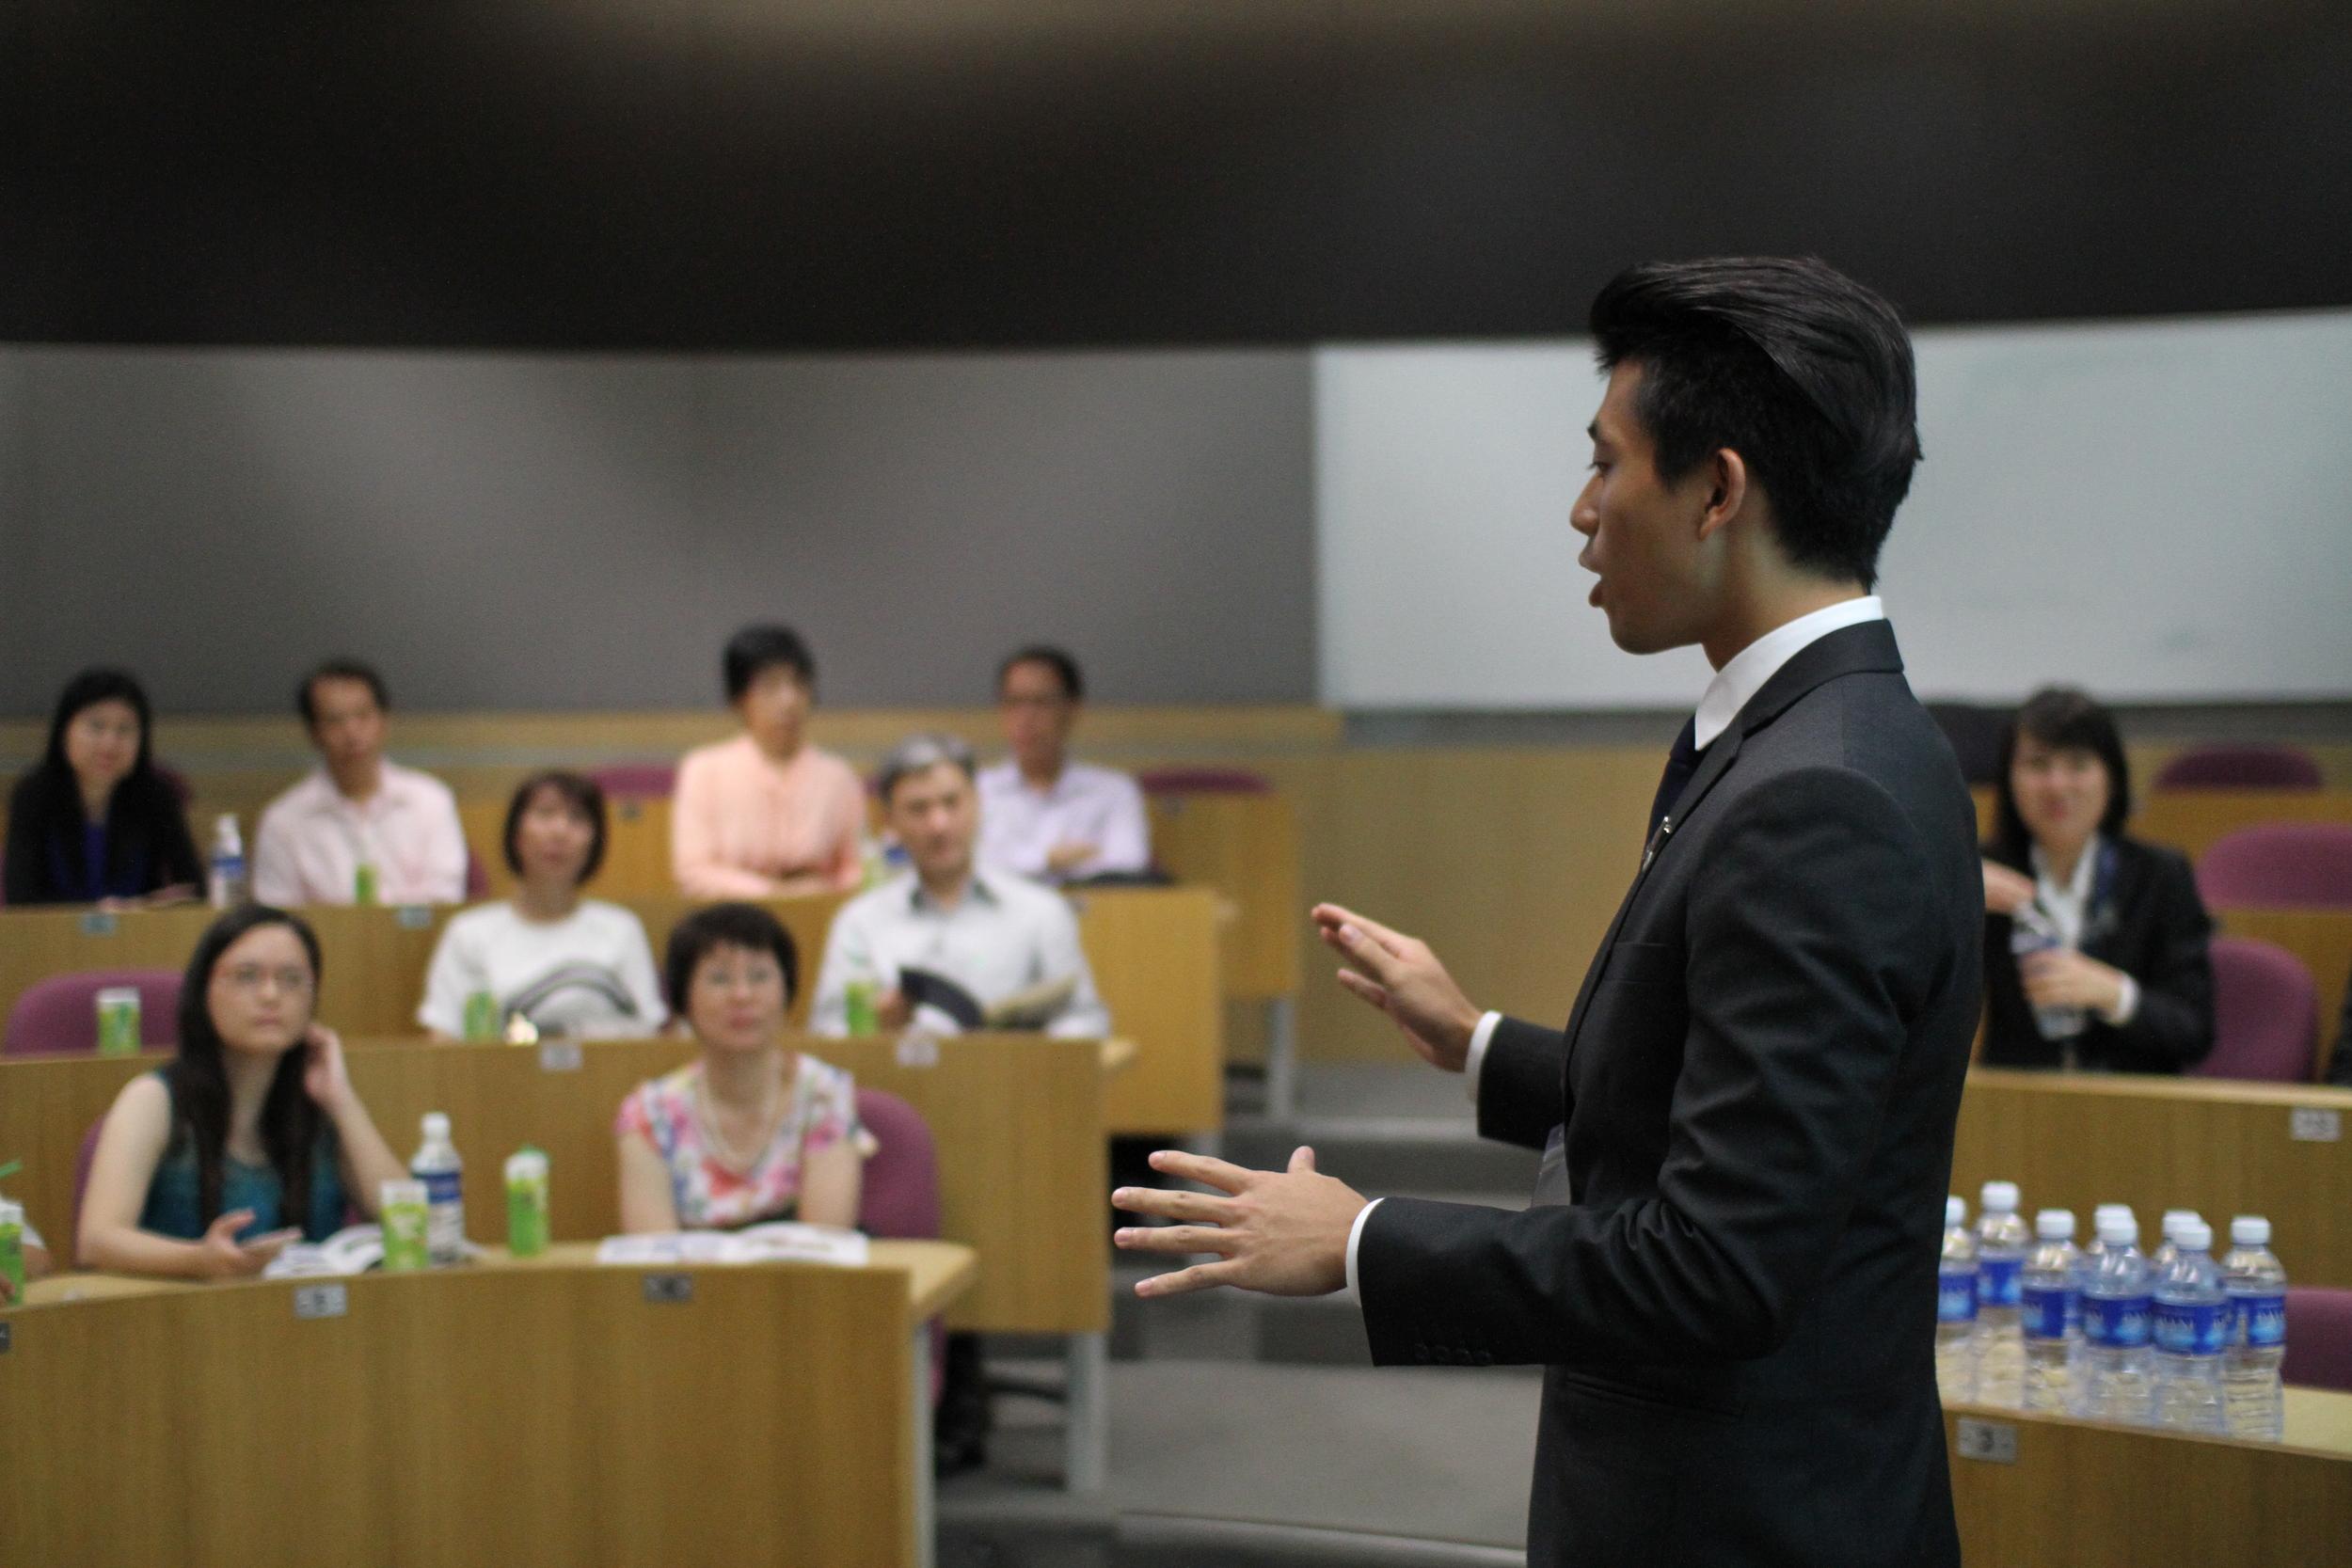 Seminar Room Sharing Session